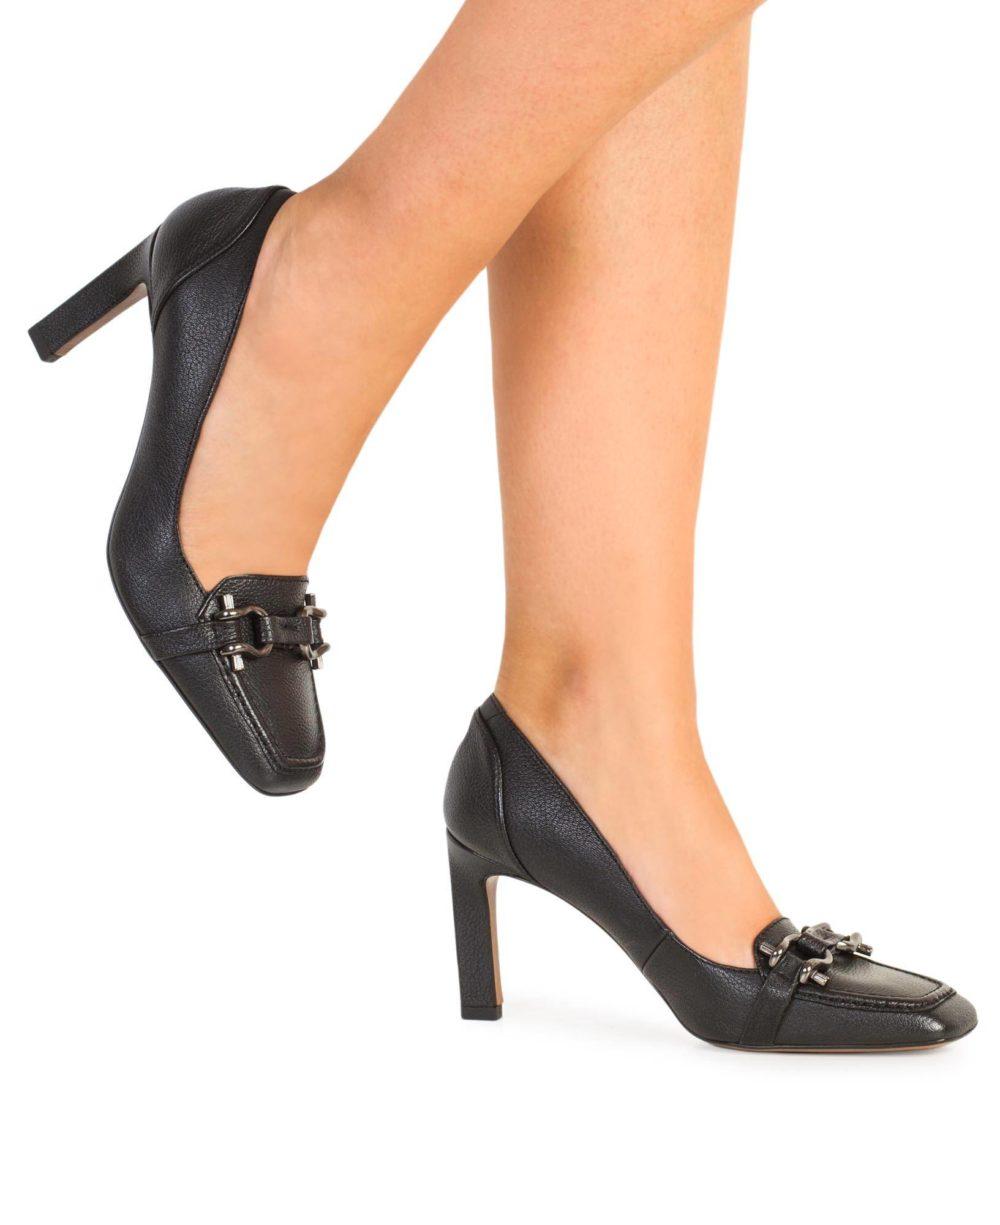 Zapatos de piel Paco Gil. P-3871 Black Bufalo Piernas